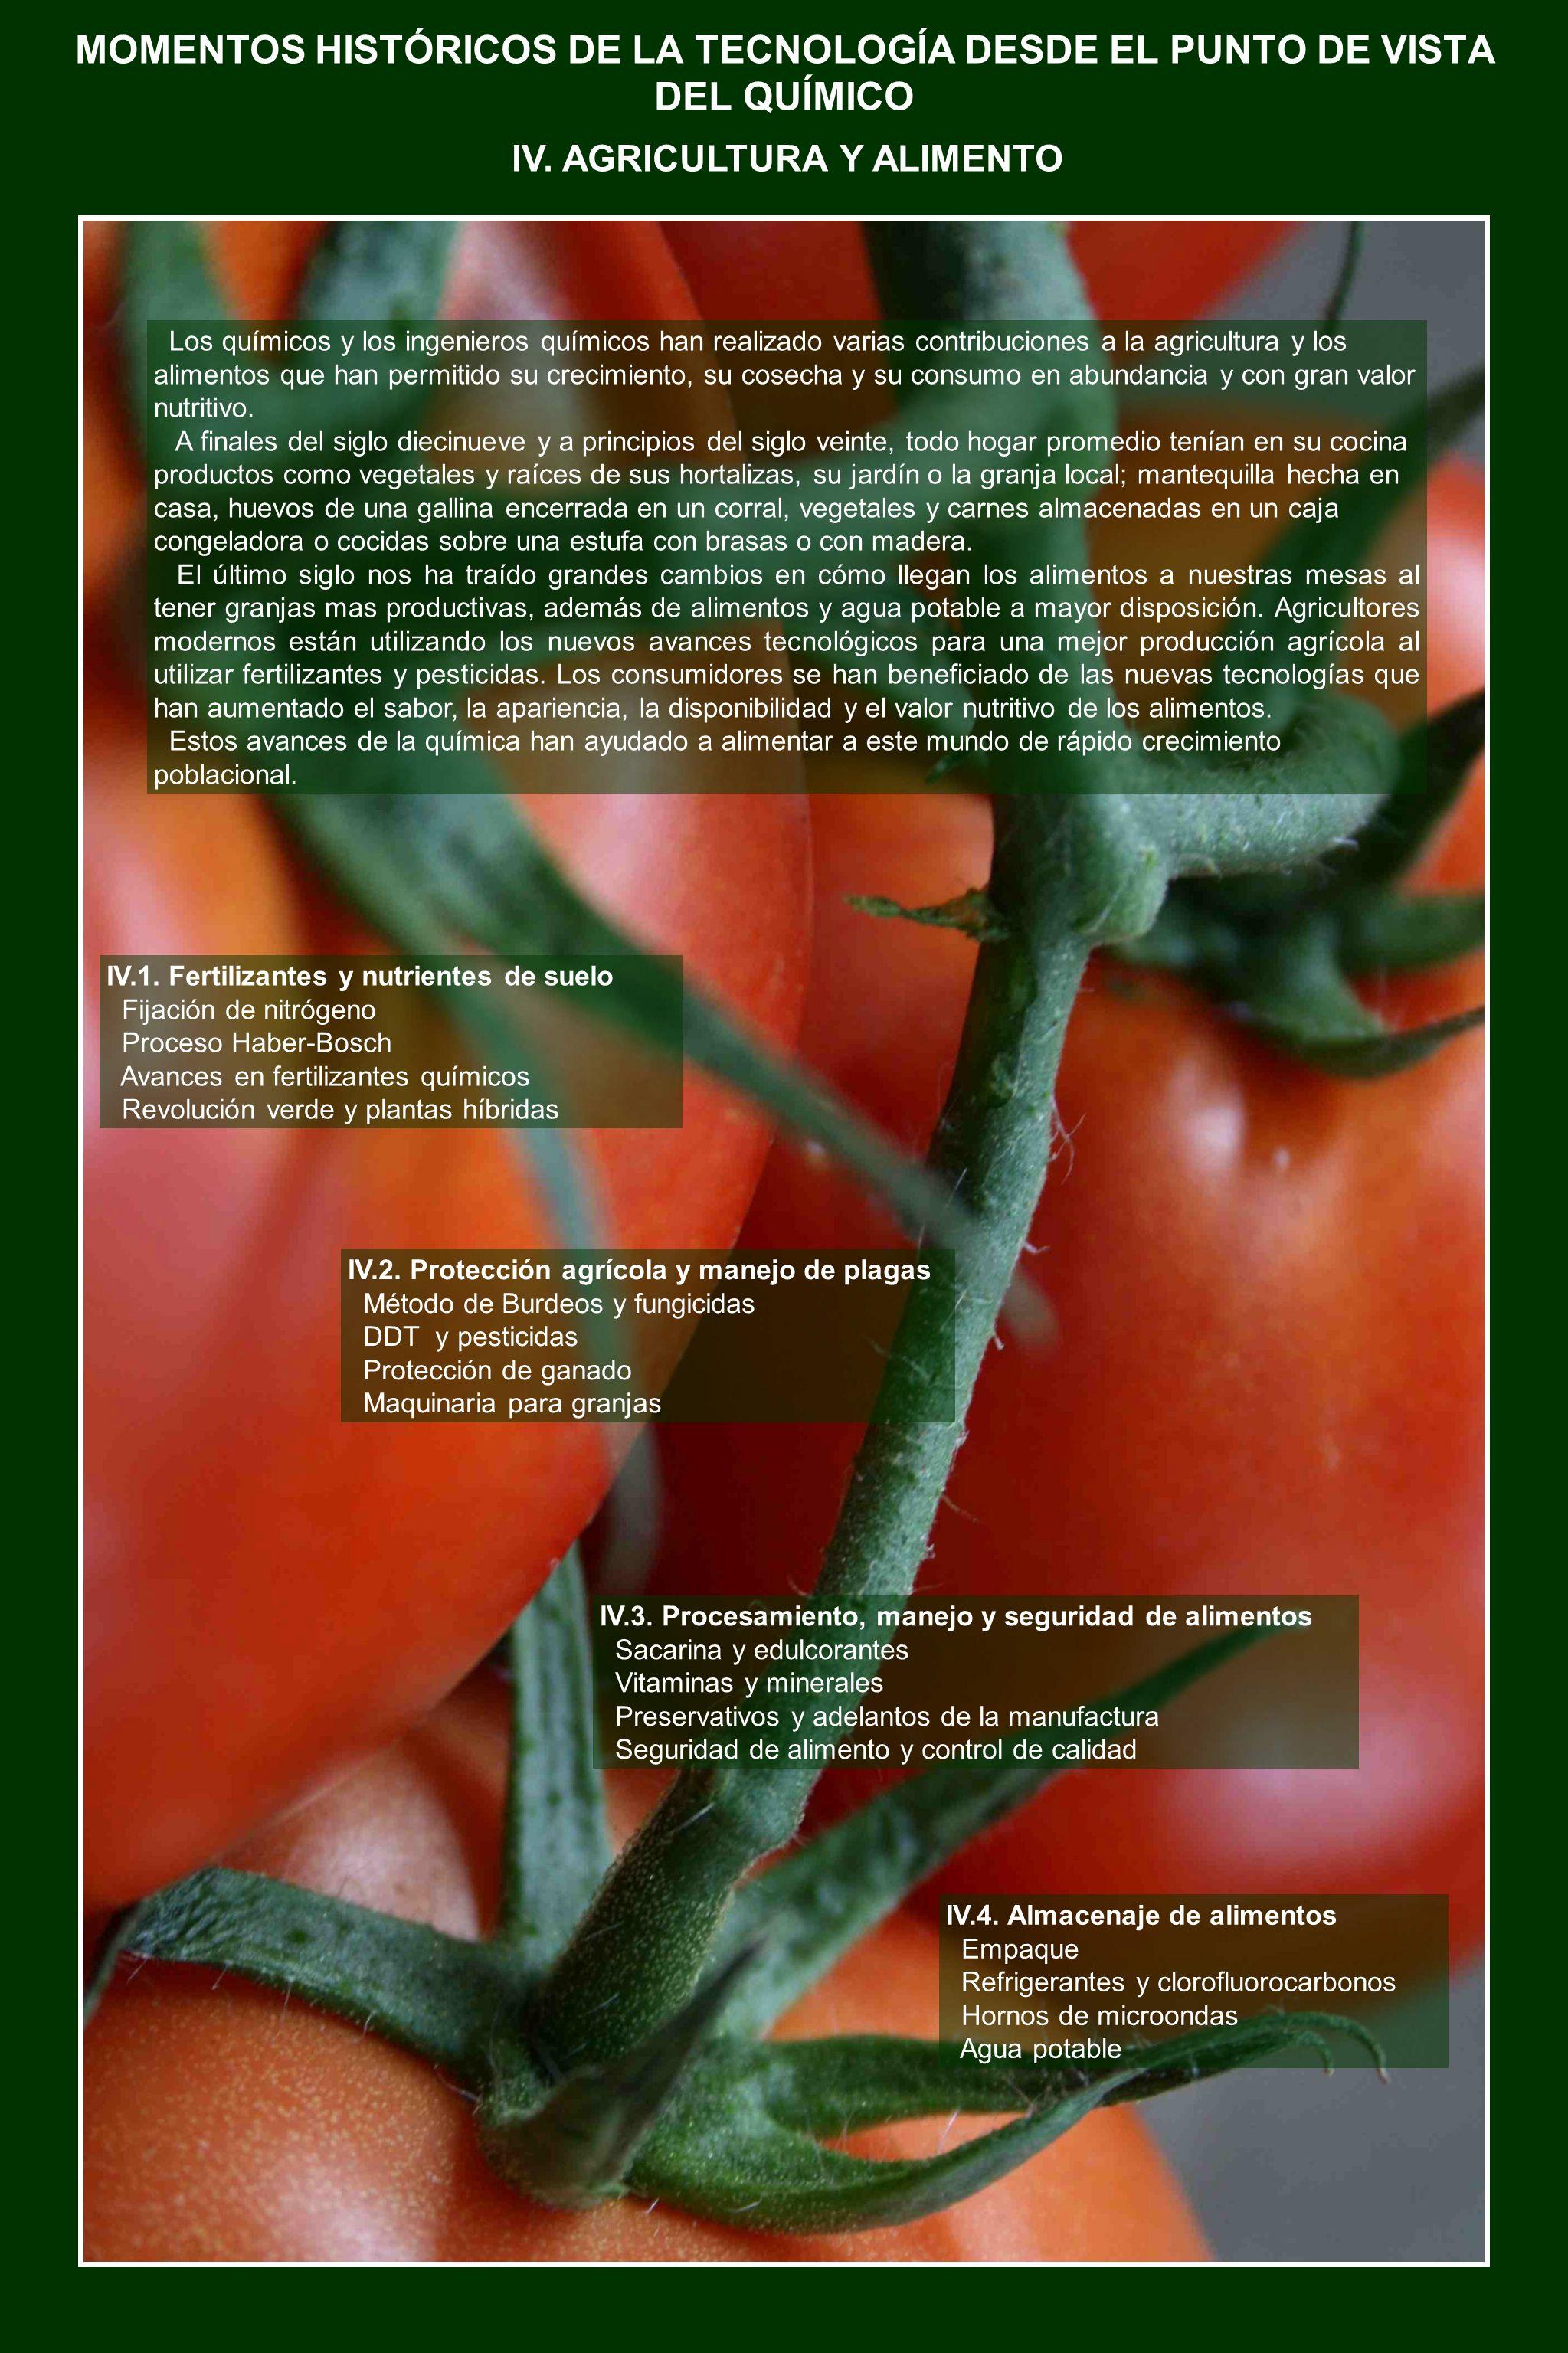 MOMENTOS HISTÓRICOS DE LA TECNOLOGÍA DESDE EL PUNTO DE VISTA DEL QUÍMICO Los químicos y los ingenieros químicos han realizado varias contribuciones a la agricultura y los alimentos que han permitido su crecimiento, su cosecha y su consumo en abundancia y con gran valor nutritivo.